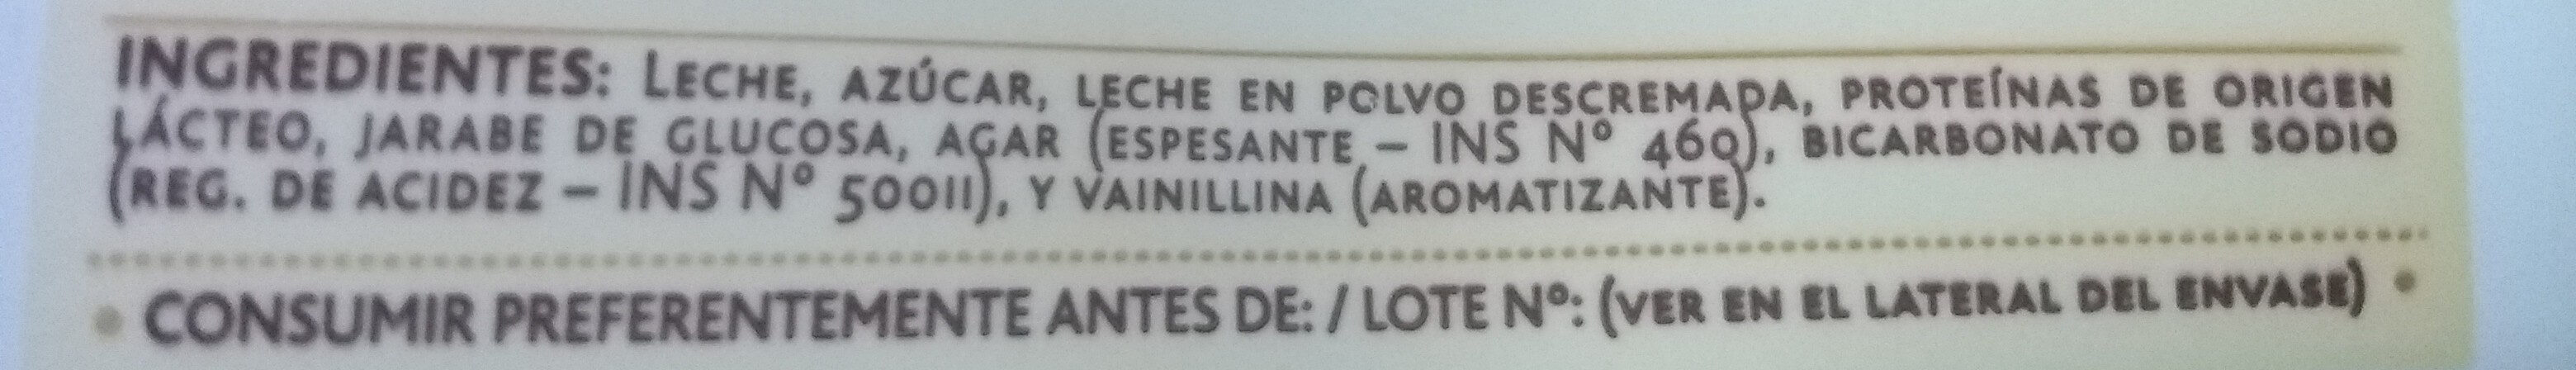 Dulce de leche Clasico - Ingredients - es